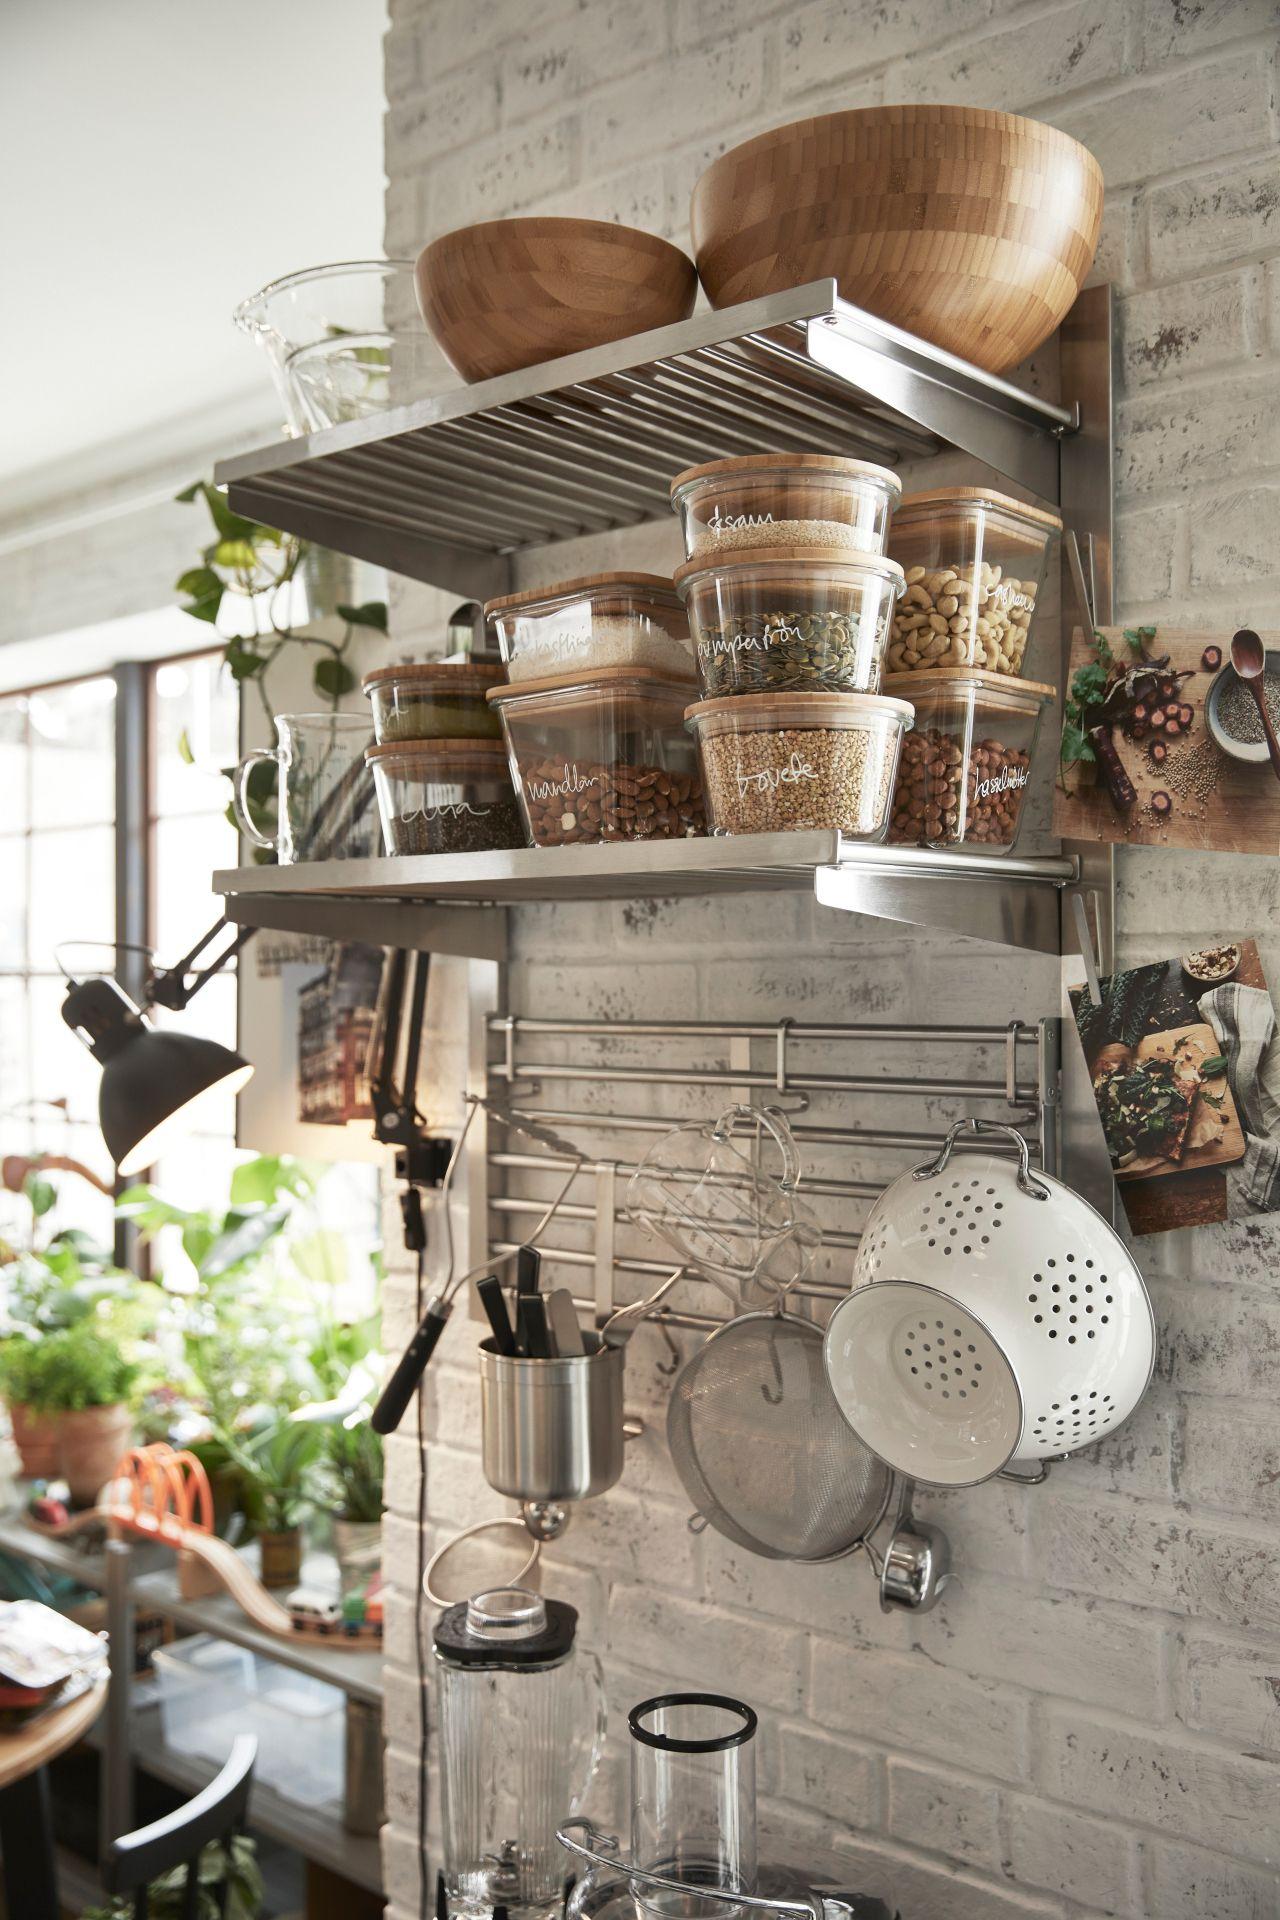 365 Vorratsbehalter Mit Deckel Rund Glas Glas Bambus Ikea Deutschland Haus Kuchen Landhauskuche Und Kuche Einrichten